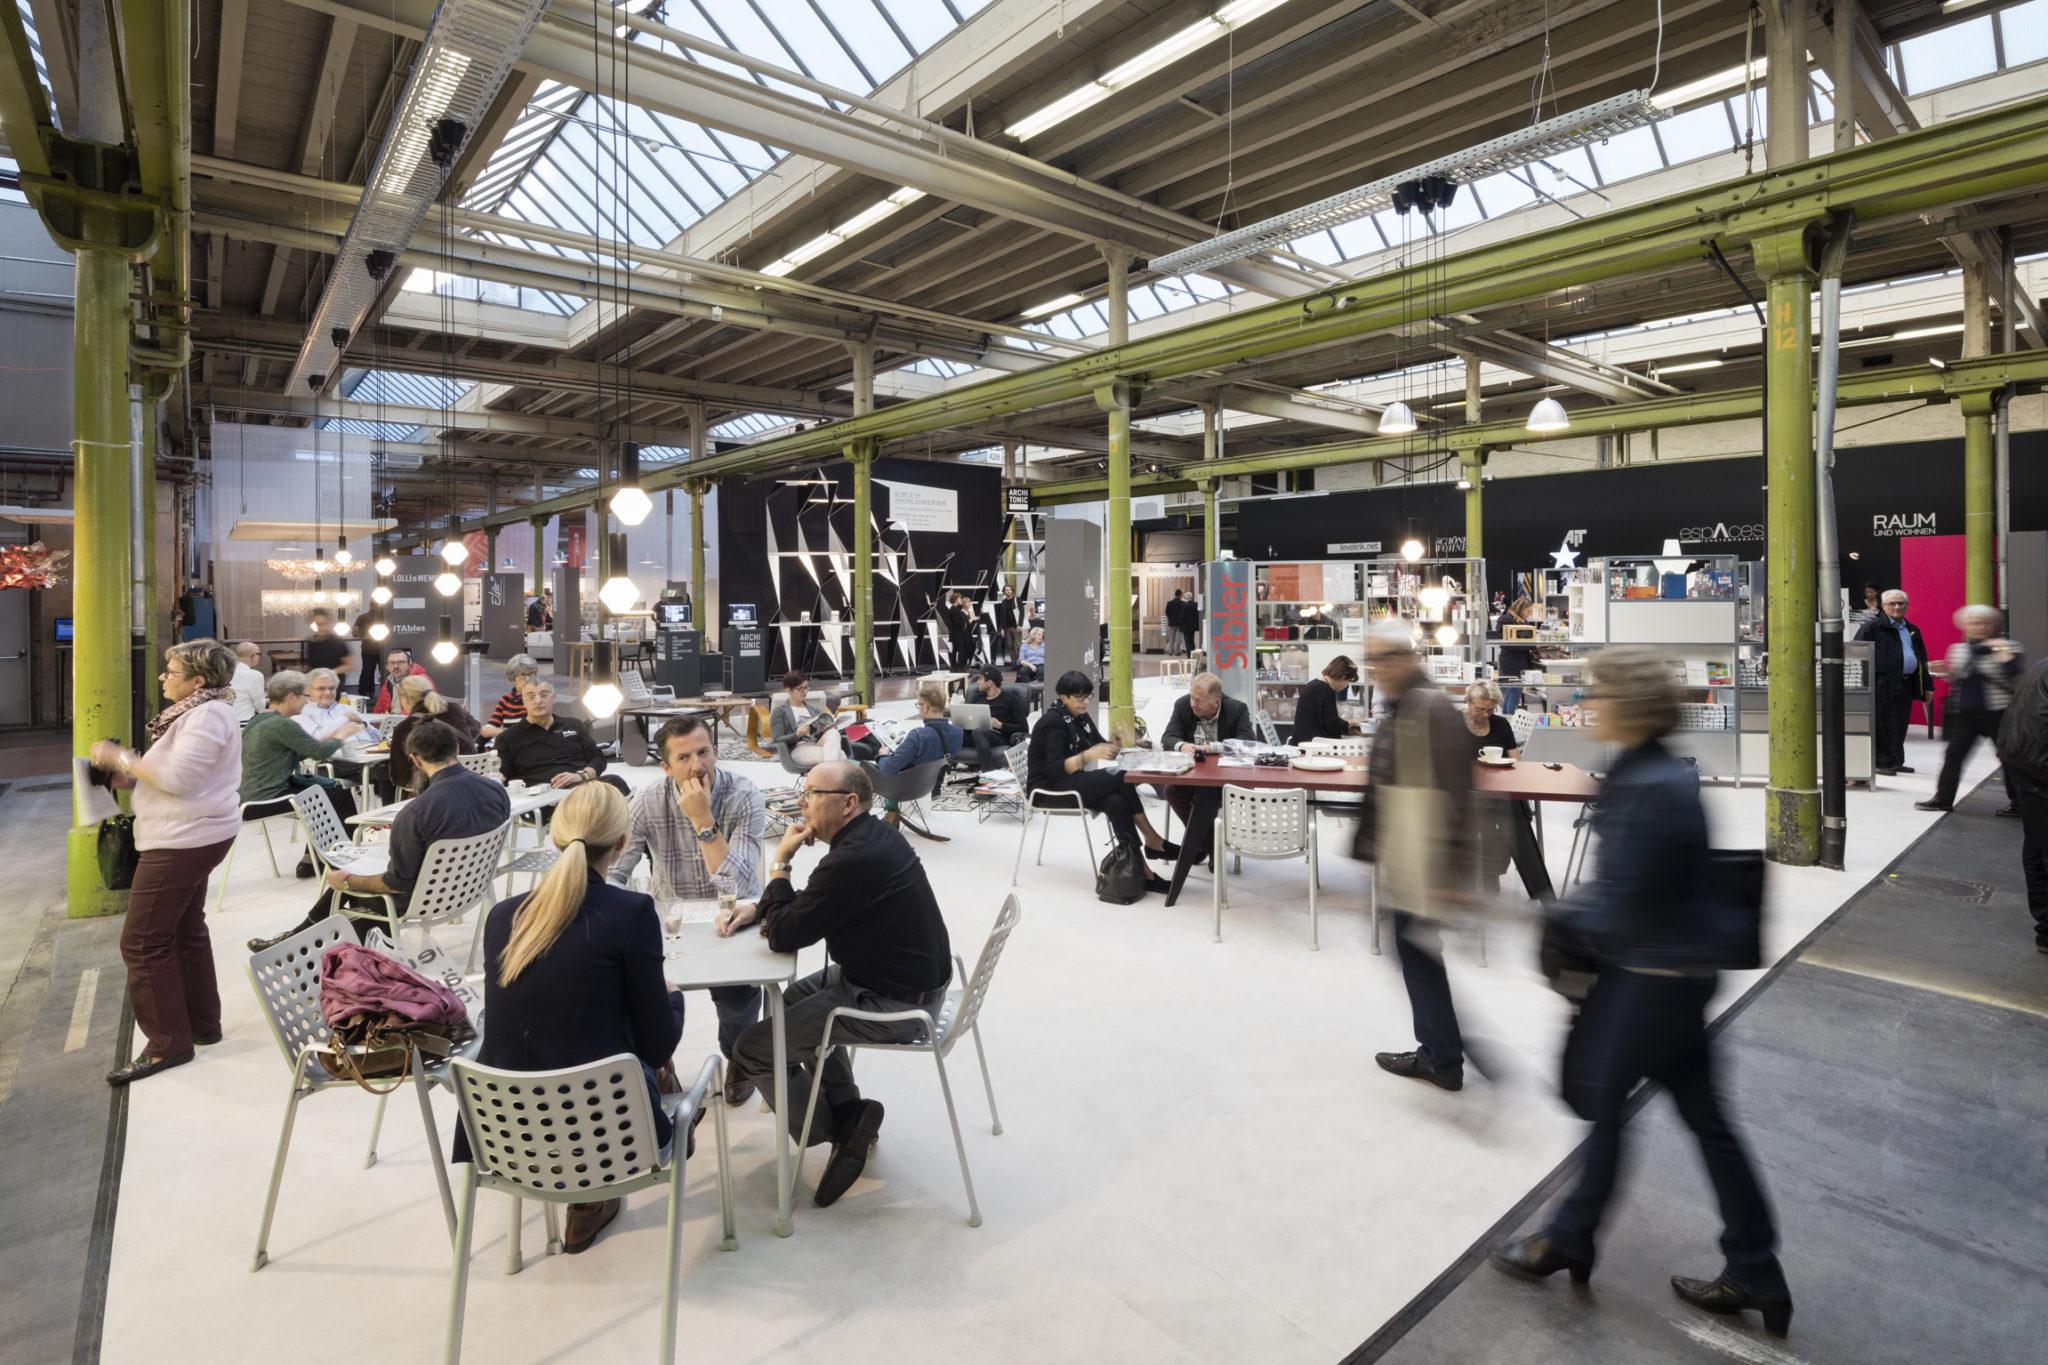 neue räume International Interior Design exhibition Zürich